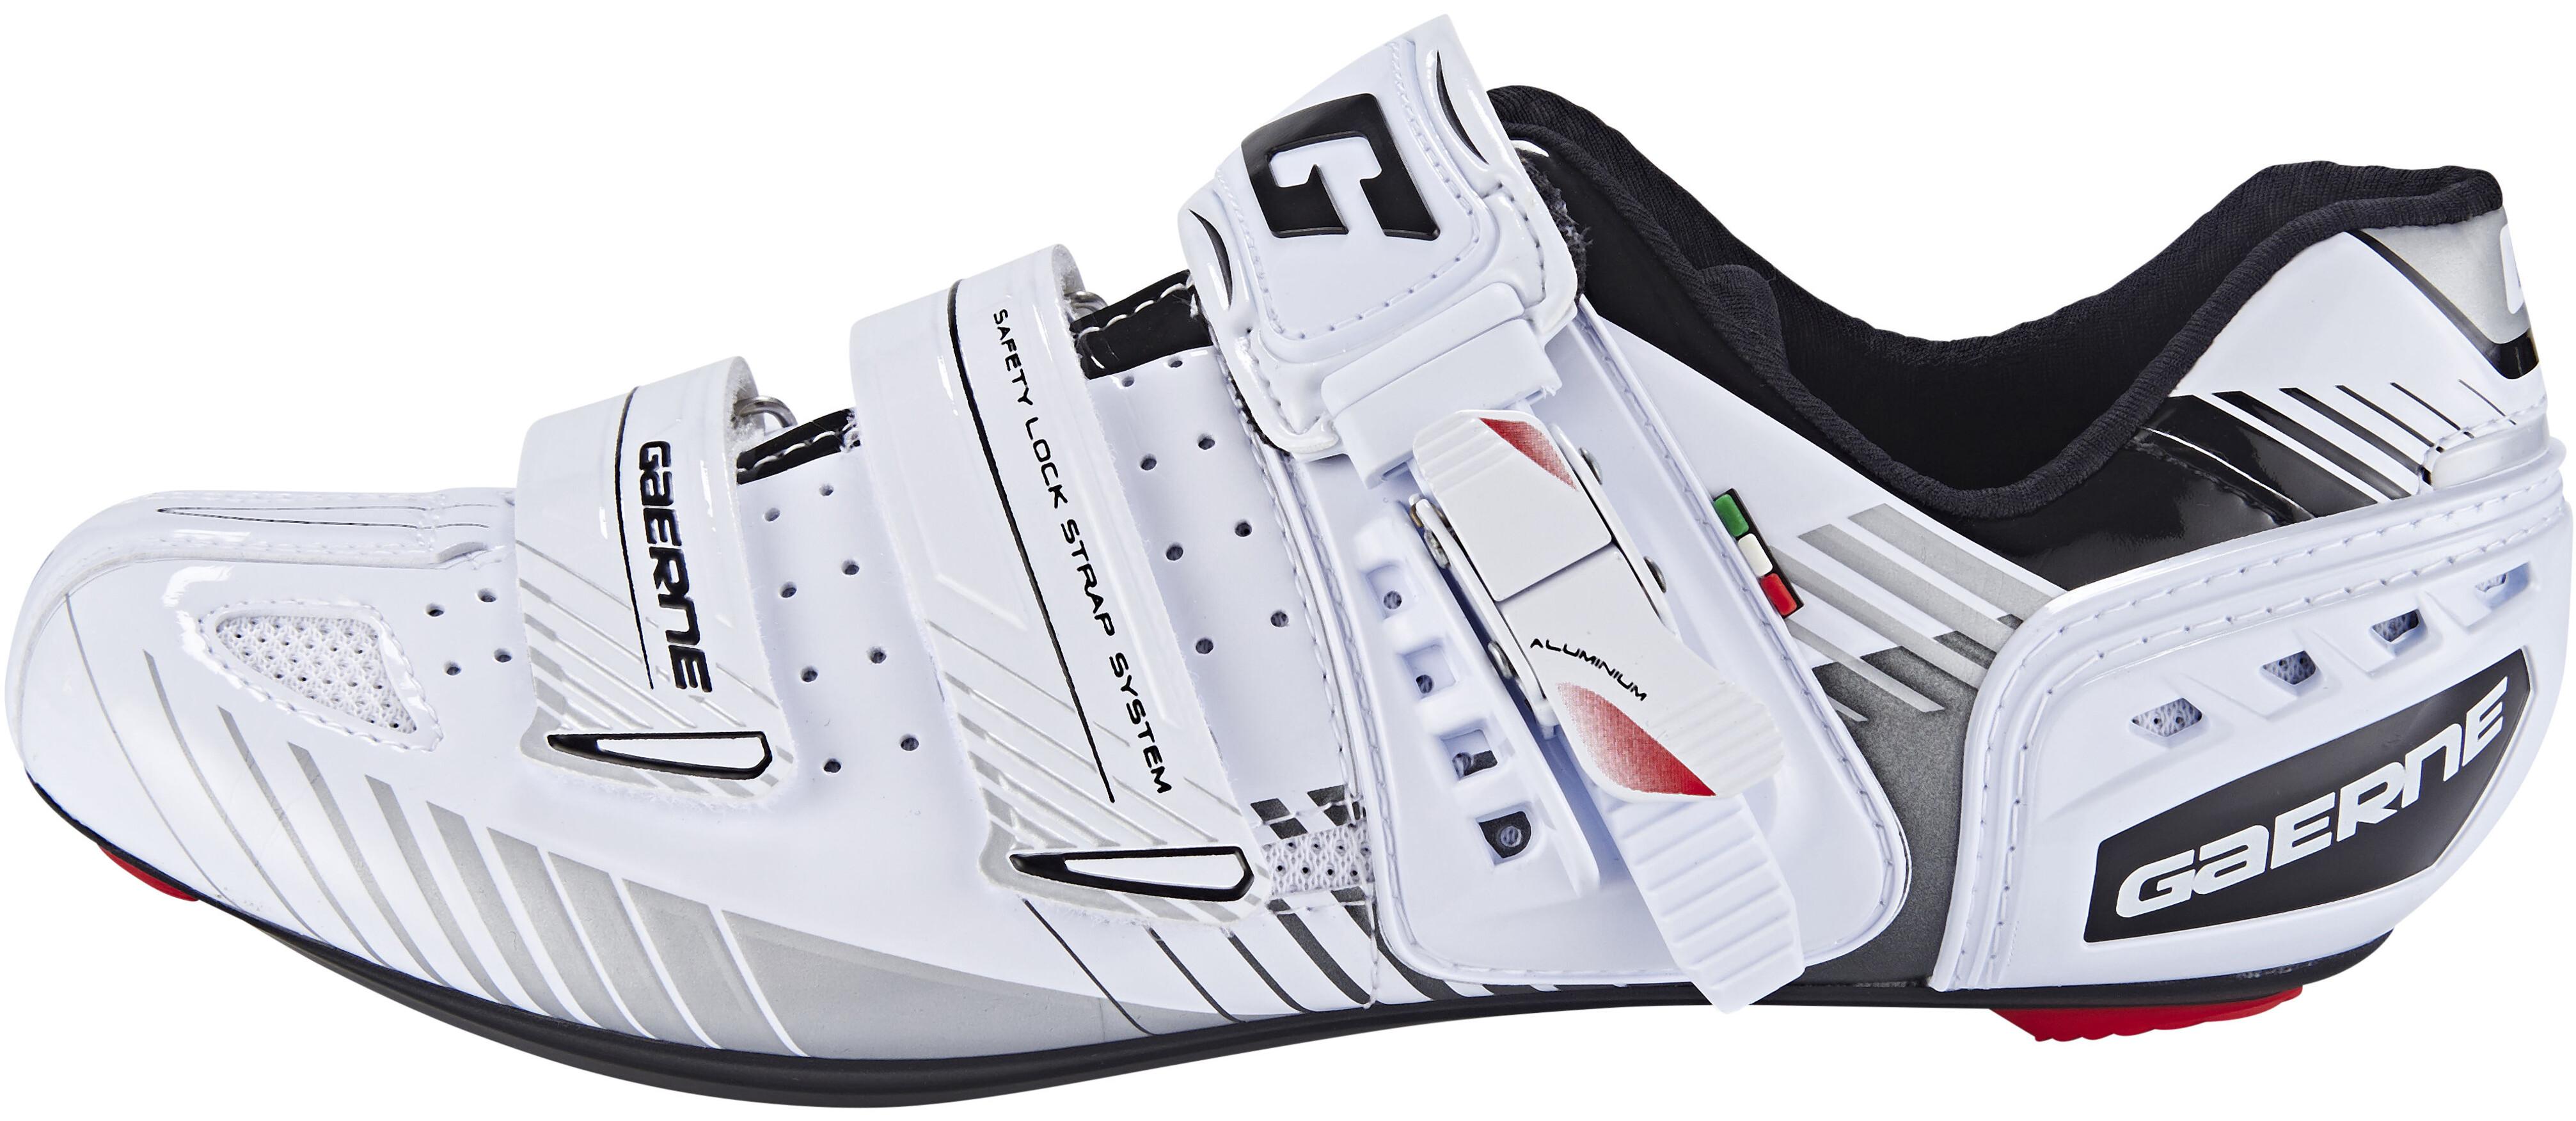 outlet store 4ce41 b1c36 Gaerne G.Motion Scarpe da ciclismo per bicicletta da corsa Uomo, white